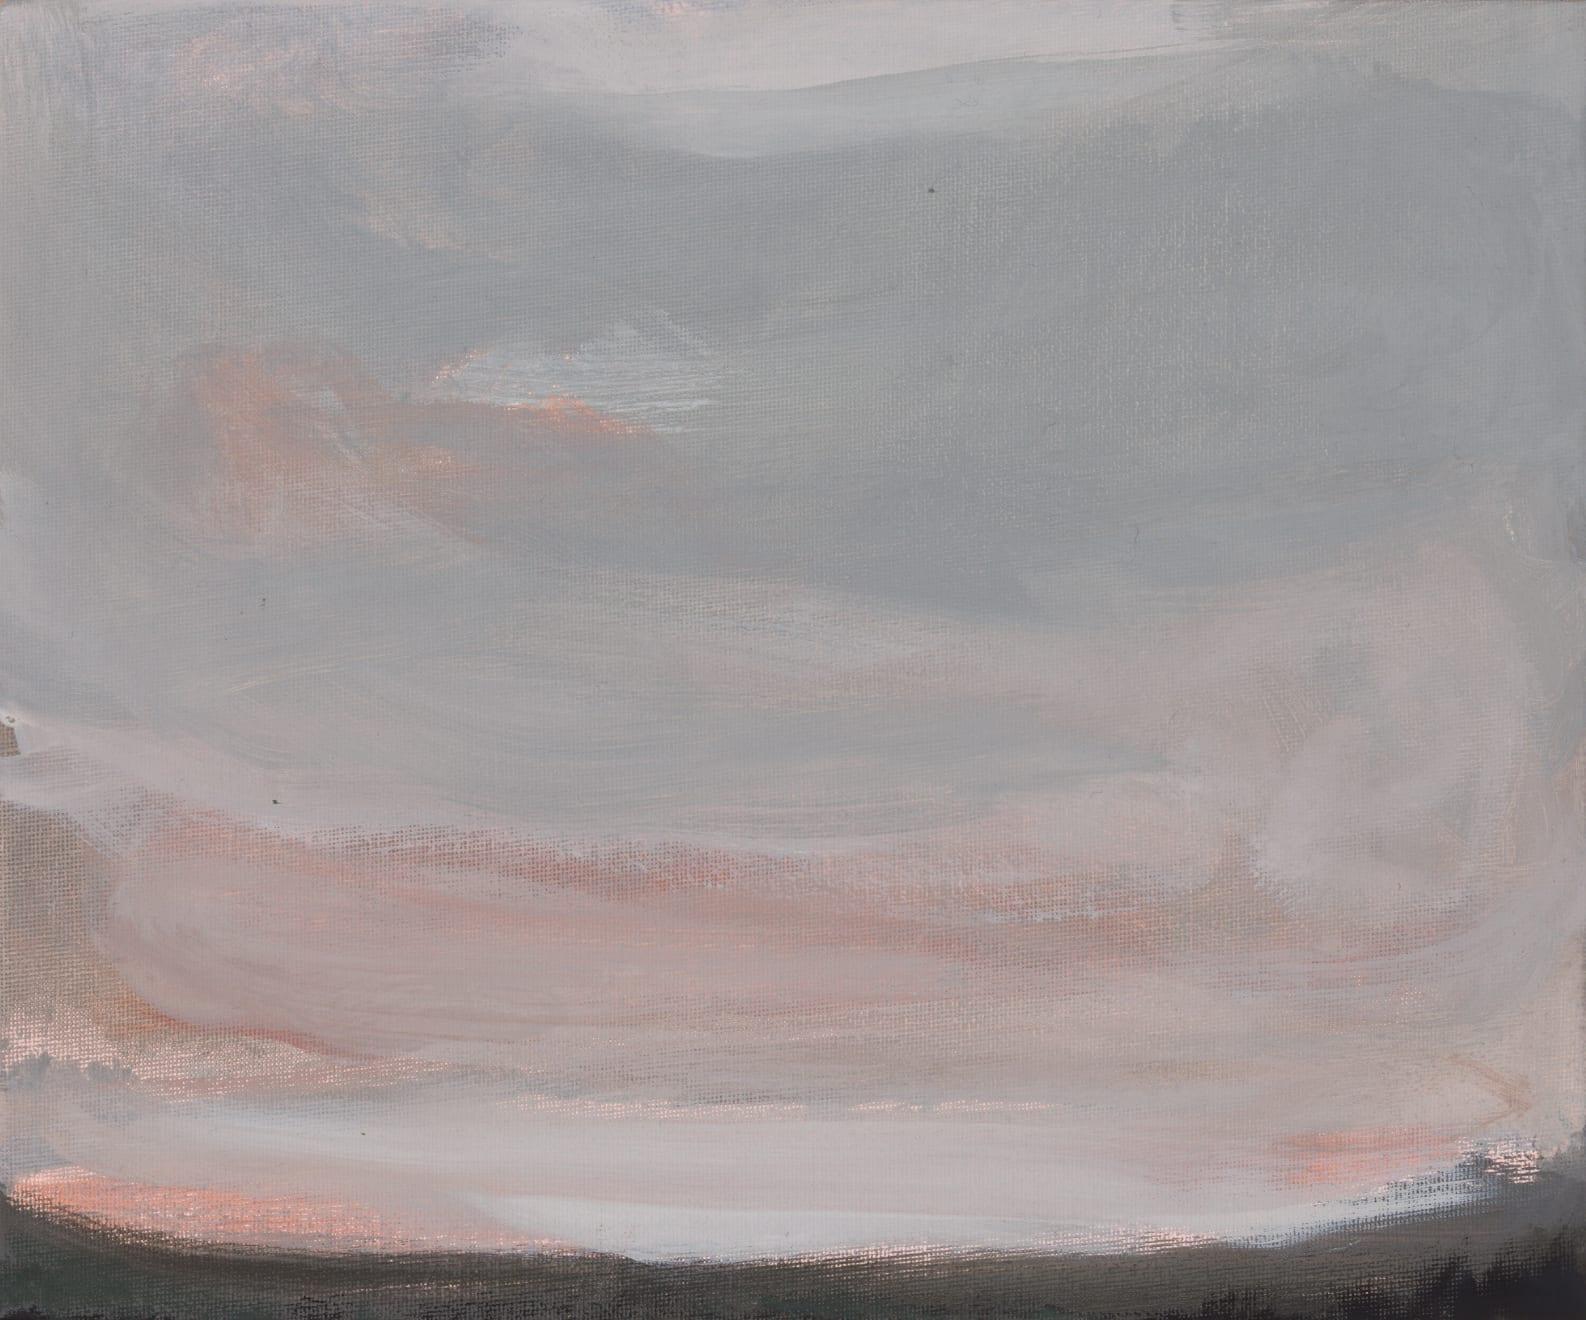 Greg Wood V17 Reimagining 2020 Oil on Canvas Board Original Charcoal Frame 30 x 25.5 cm $1100 £550 SOLD